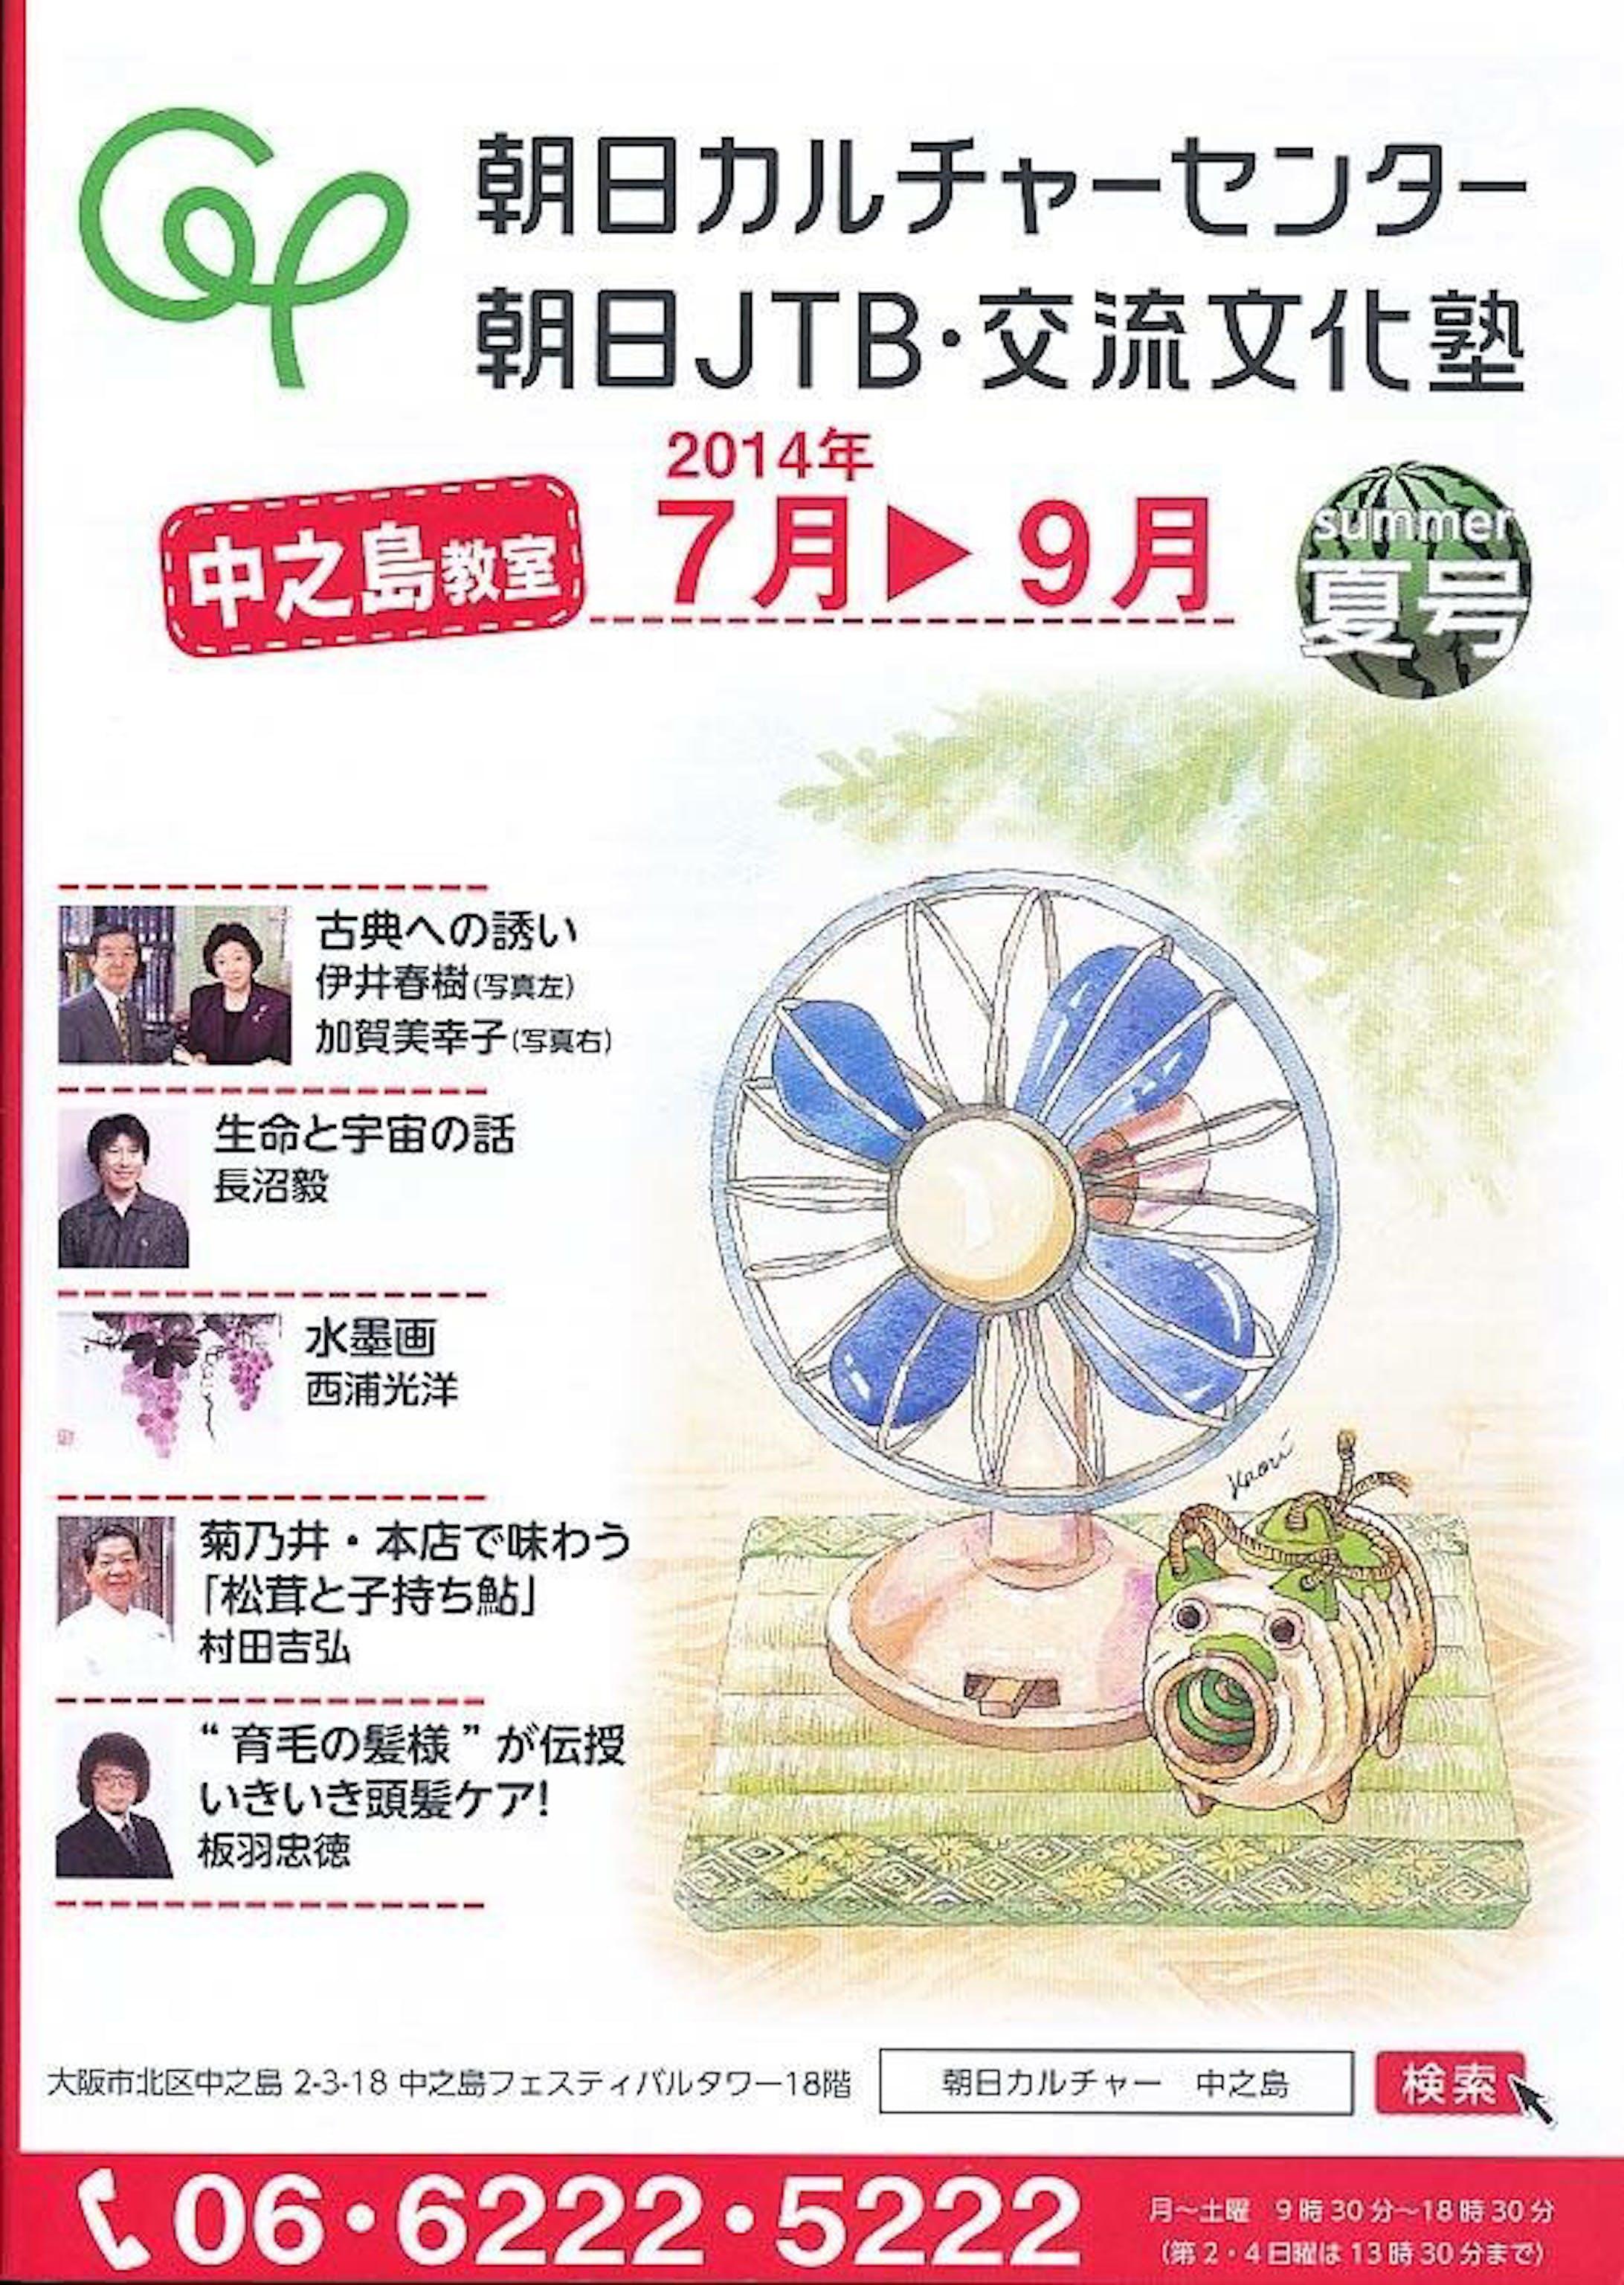 【朝日カルチャーセンター パンフレット表紙イラスト】-2